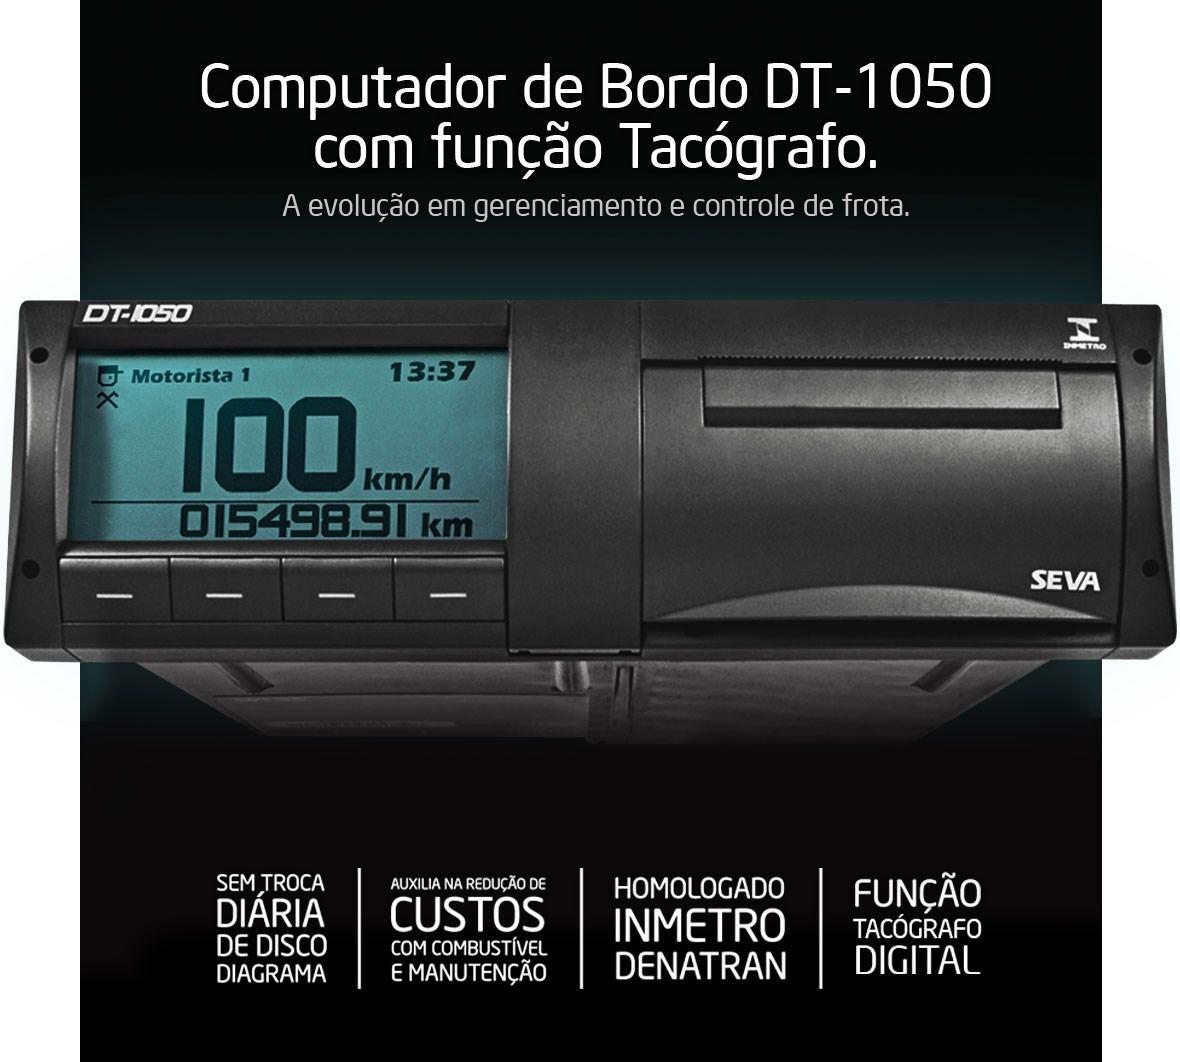 Bobina Fita Diagrama Seva Vt-140 Dt 1050